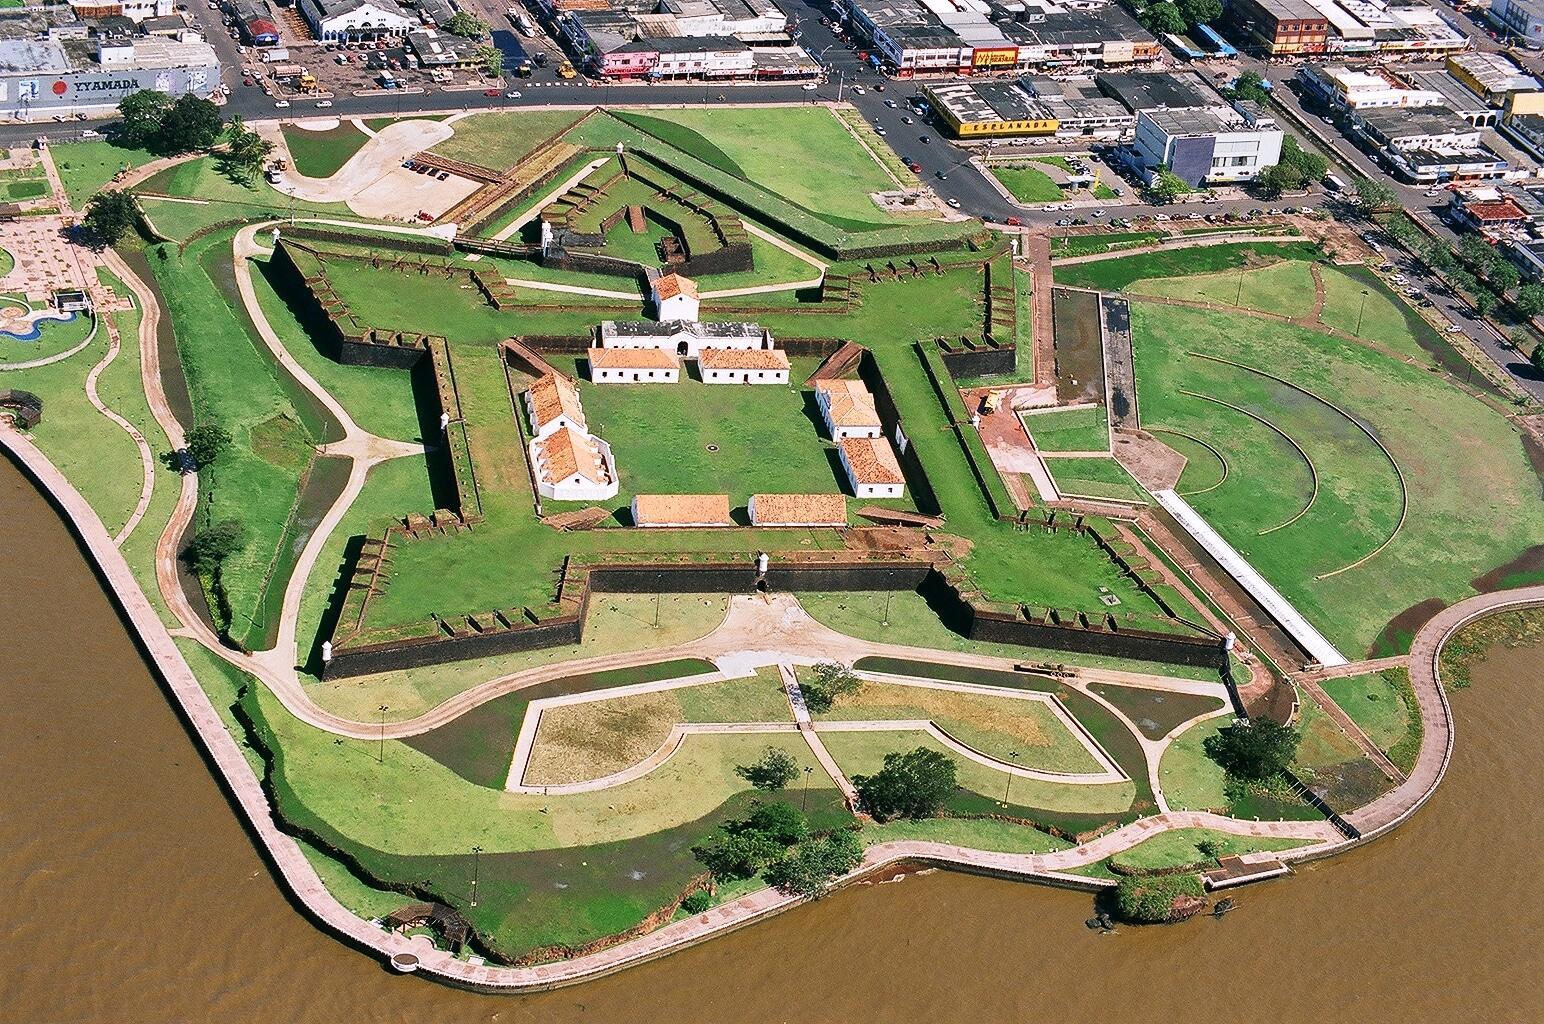 rosa kliass a arquiteta1 - Maiores arquitetos brasileiros: conheça os principais nomes da nossa arquitetura